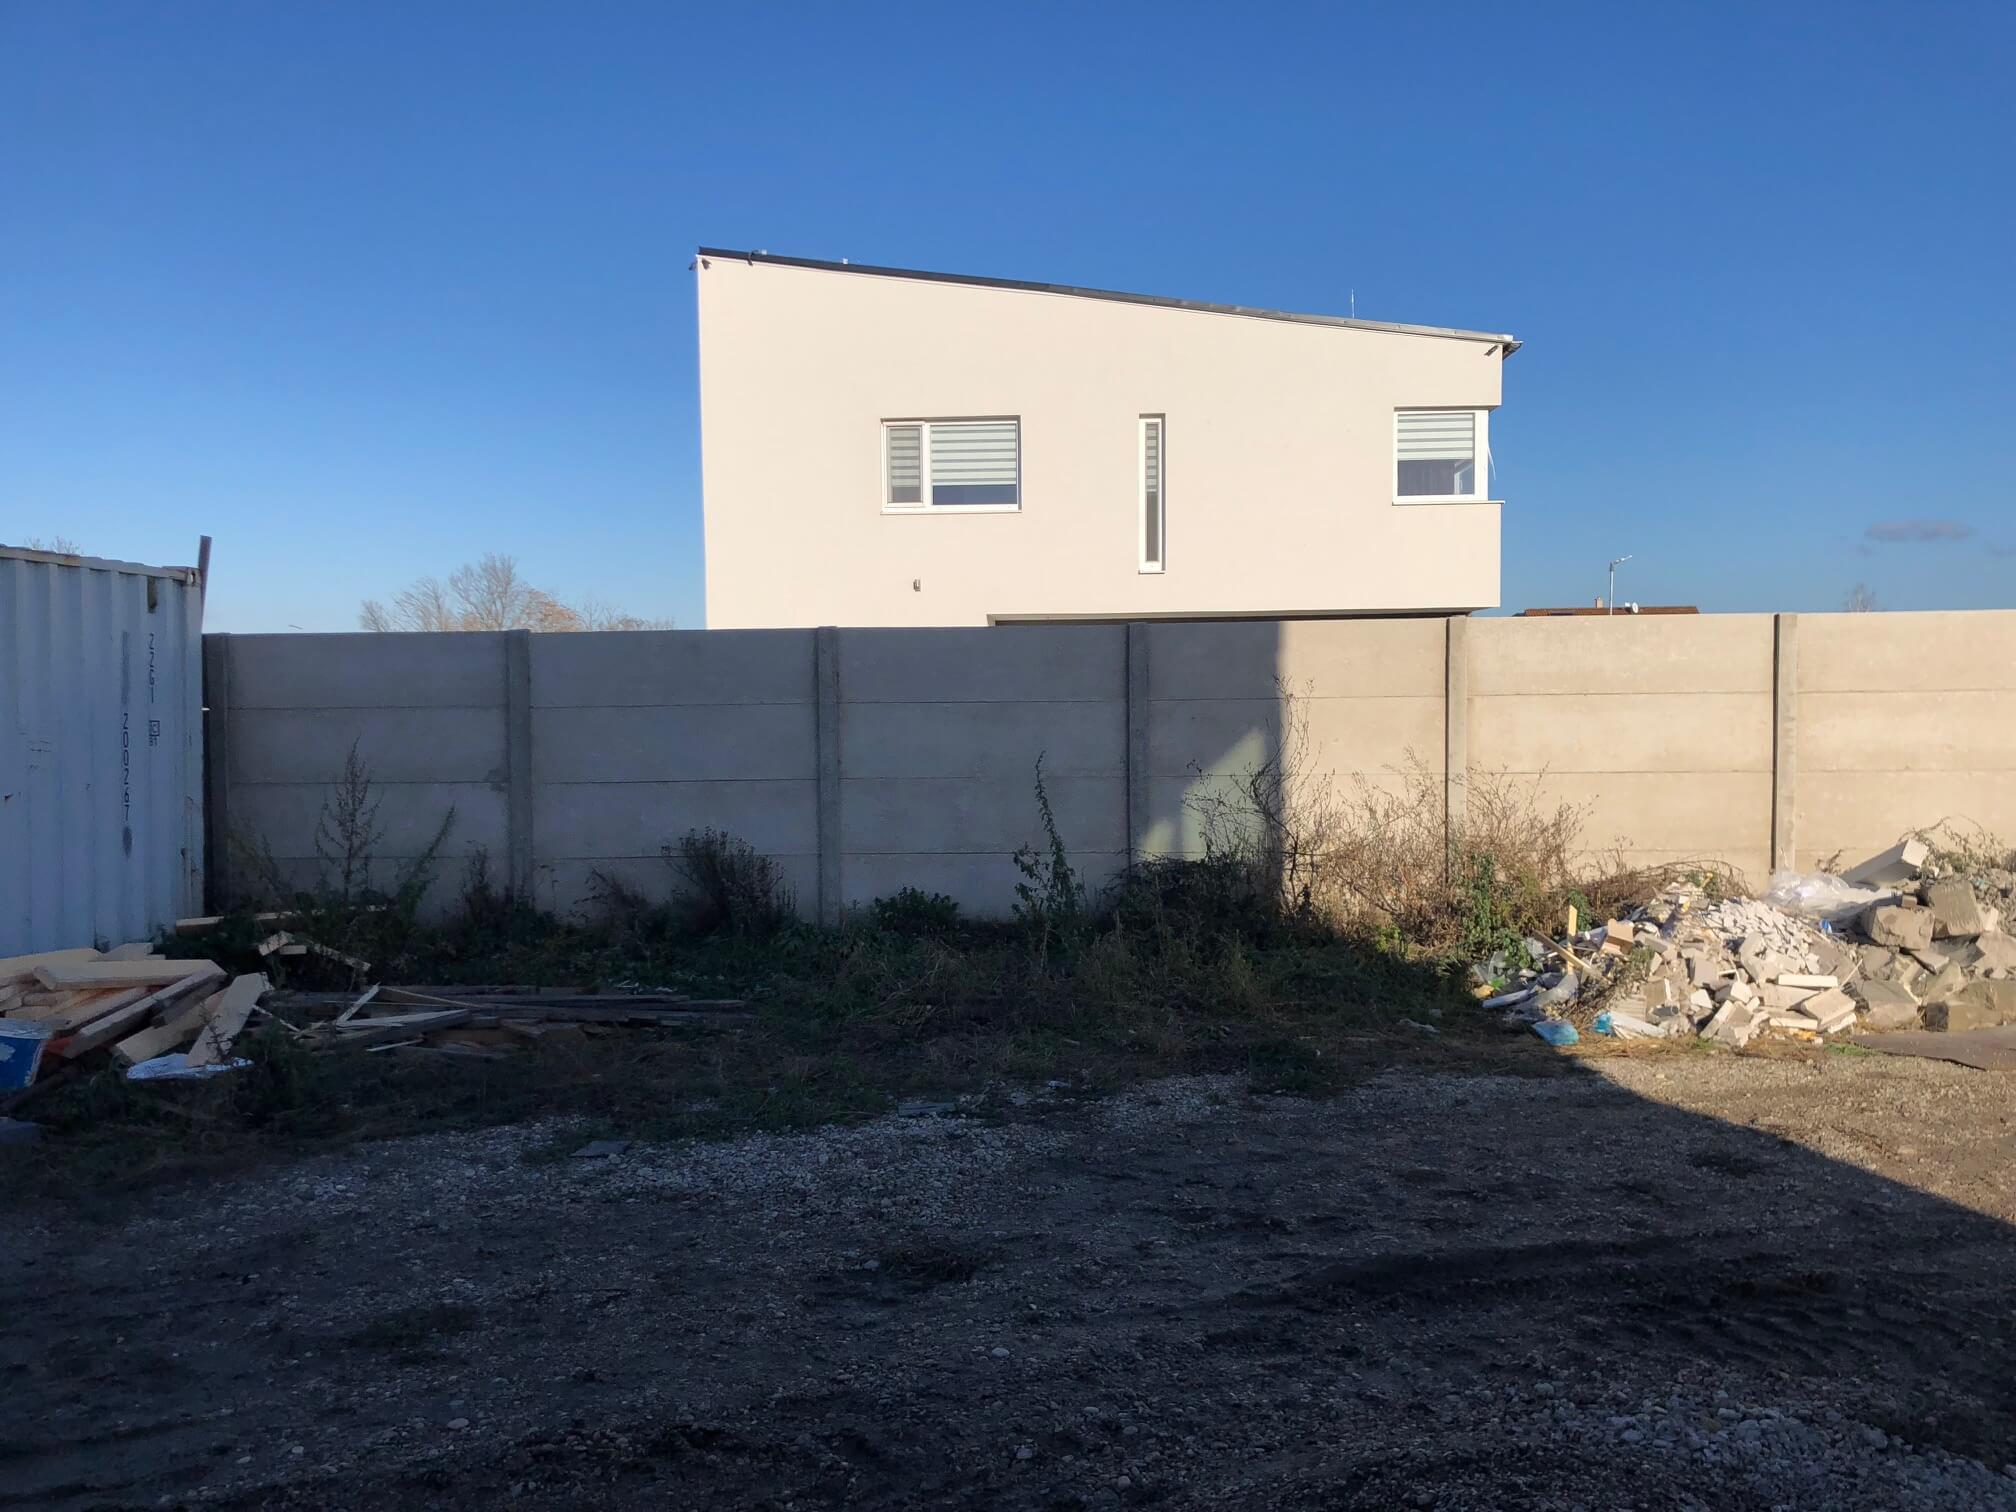 Predané: RD s 2 bytovými jednotkami, Novostavba v Dunajskej Lužnej, 2X: 4 izbový,pozemok 422m2,úžitkova 106m2-26